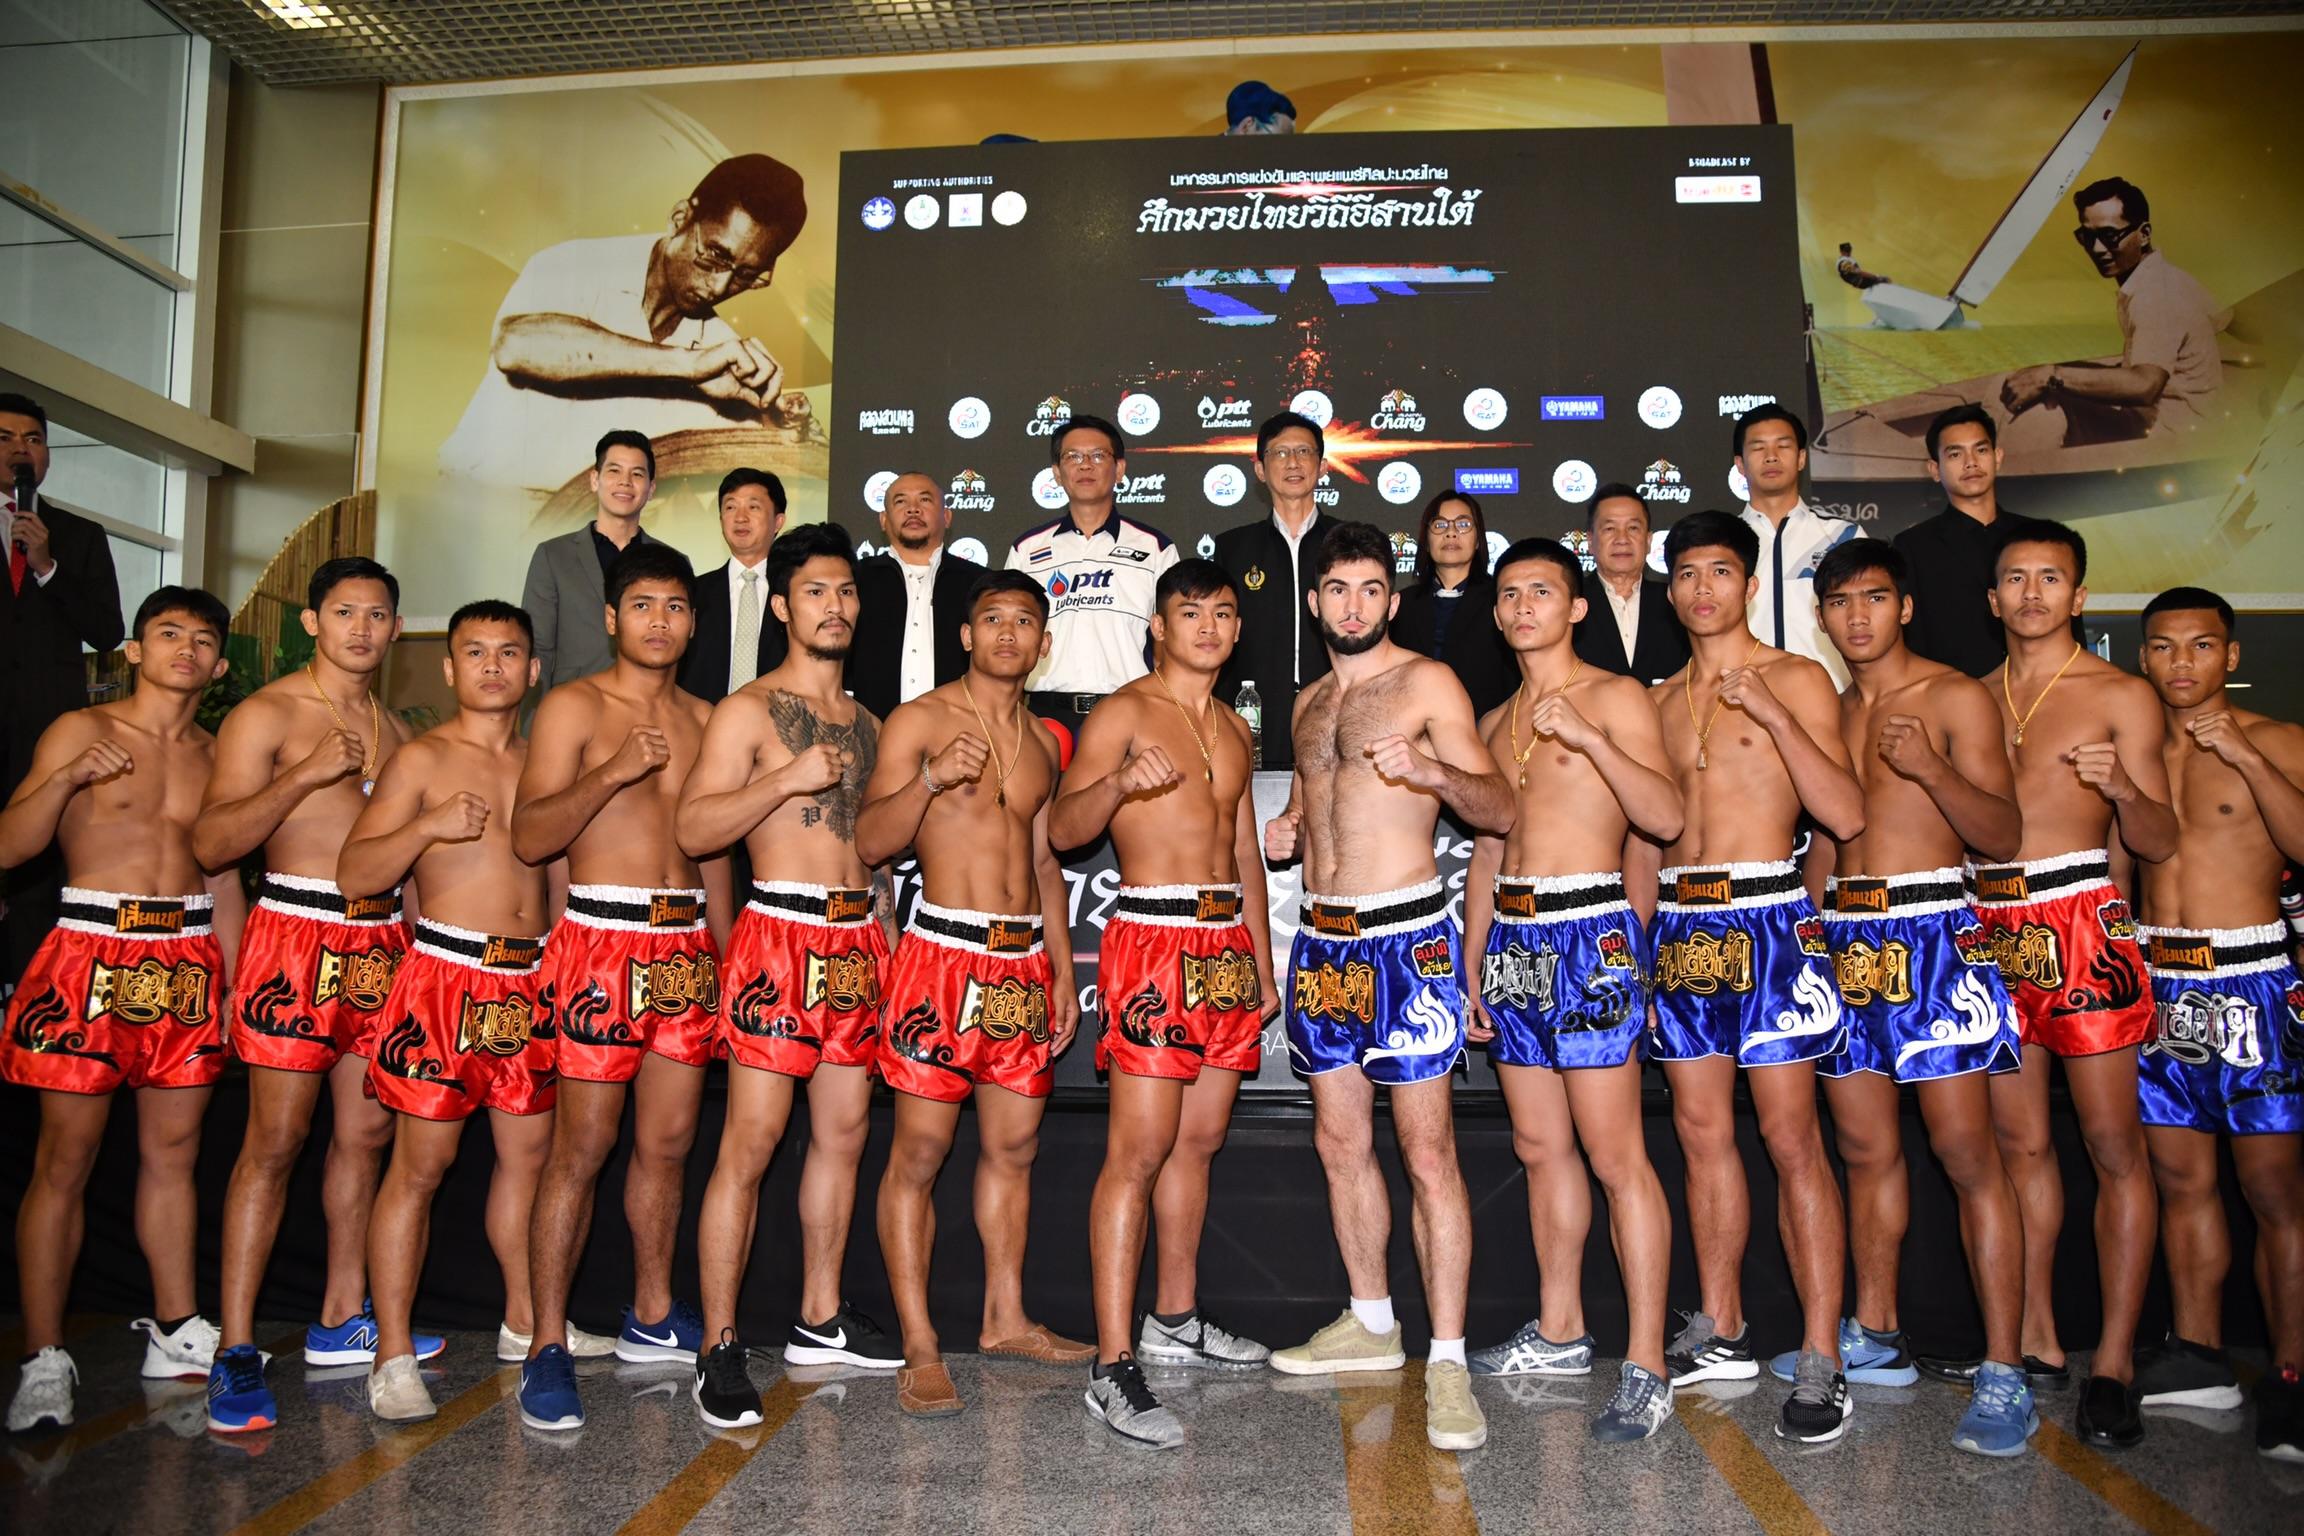 กกท. กระทรวงท่องเที่ยวและกีฬา ศึกมวยไทยวิถีอีสานใต้